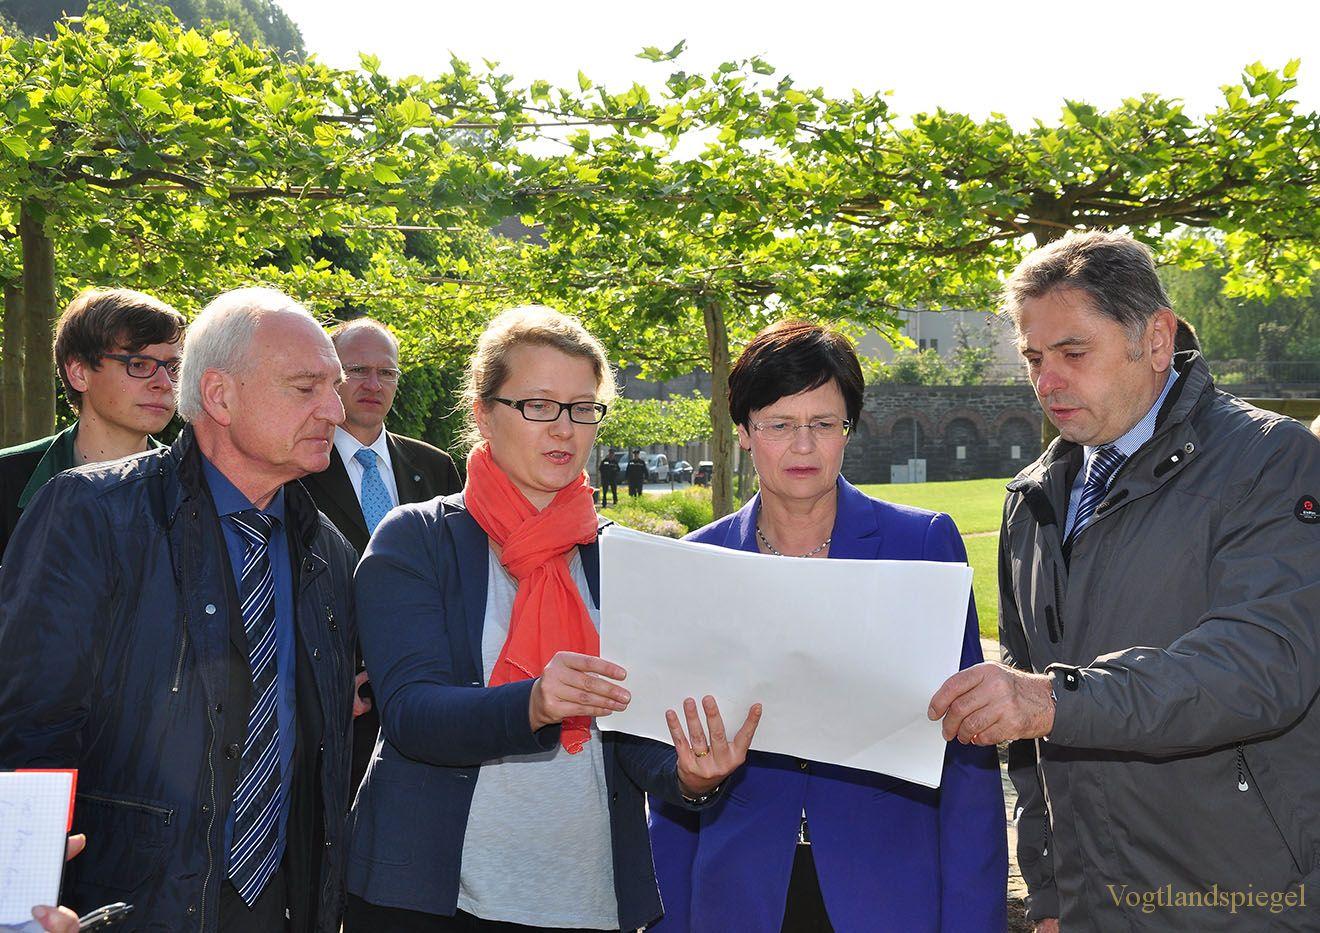 Thüringens Ministerpräsidentin besuchte Sommerpalais und Greizer Park